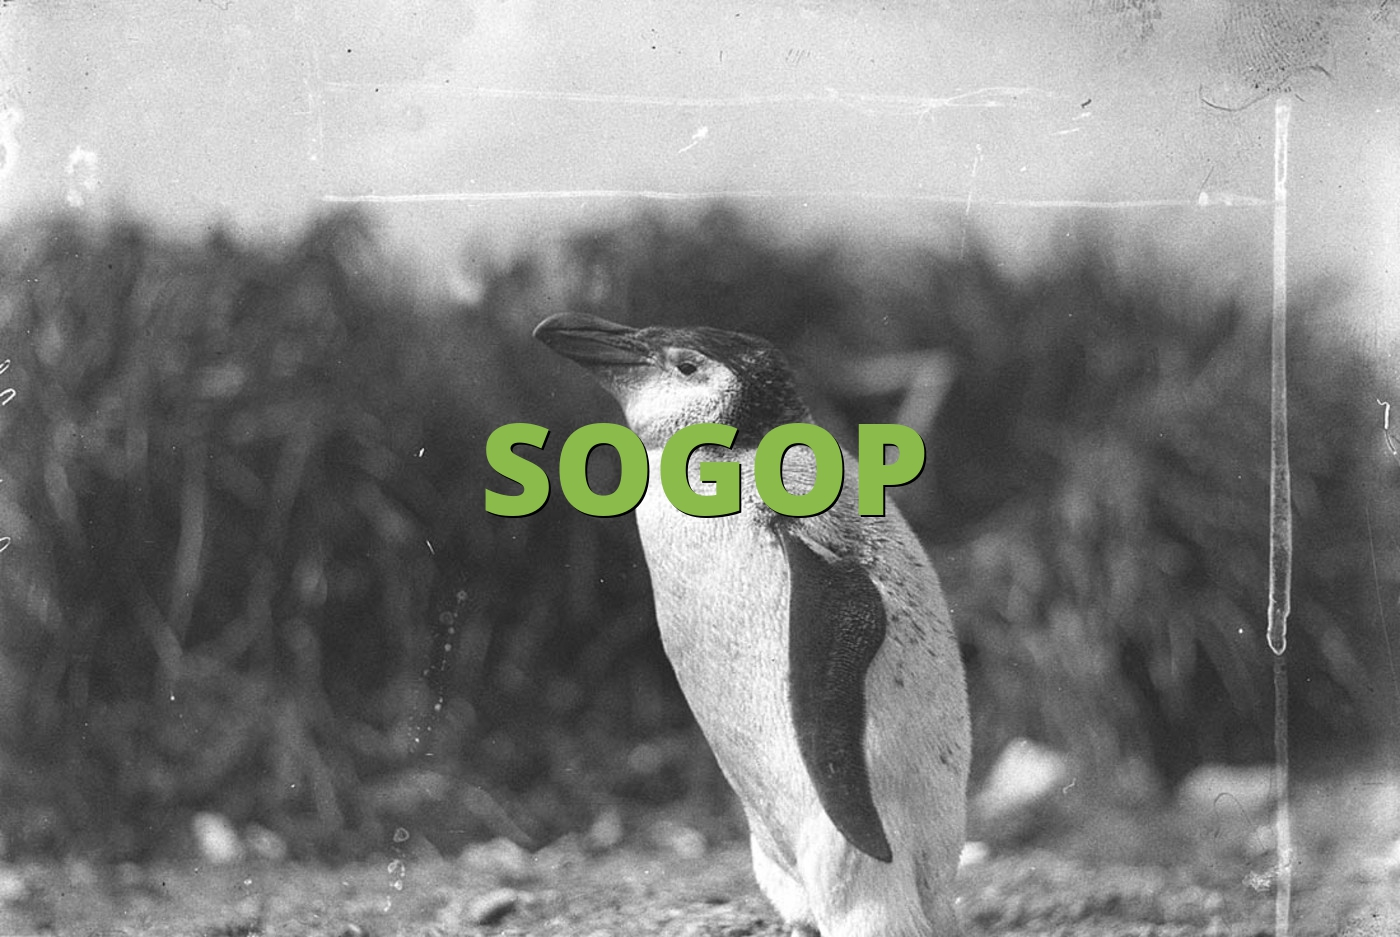 SOGOP